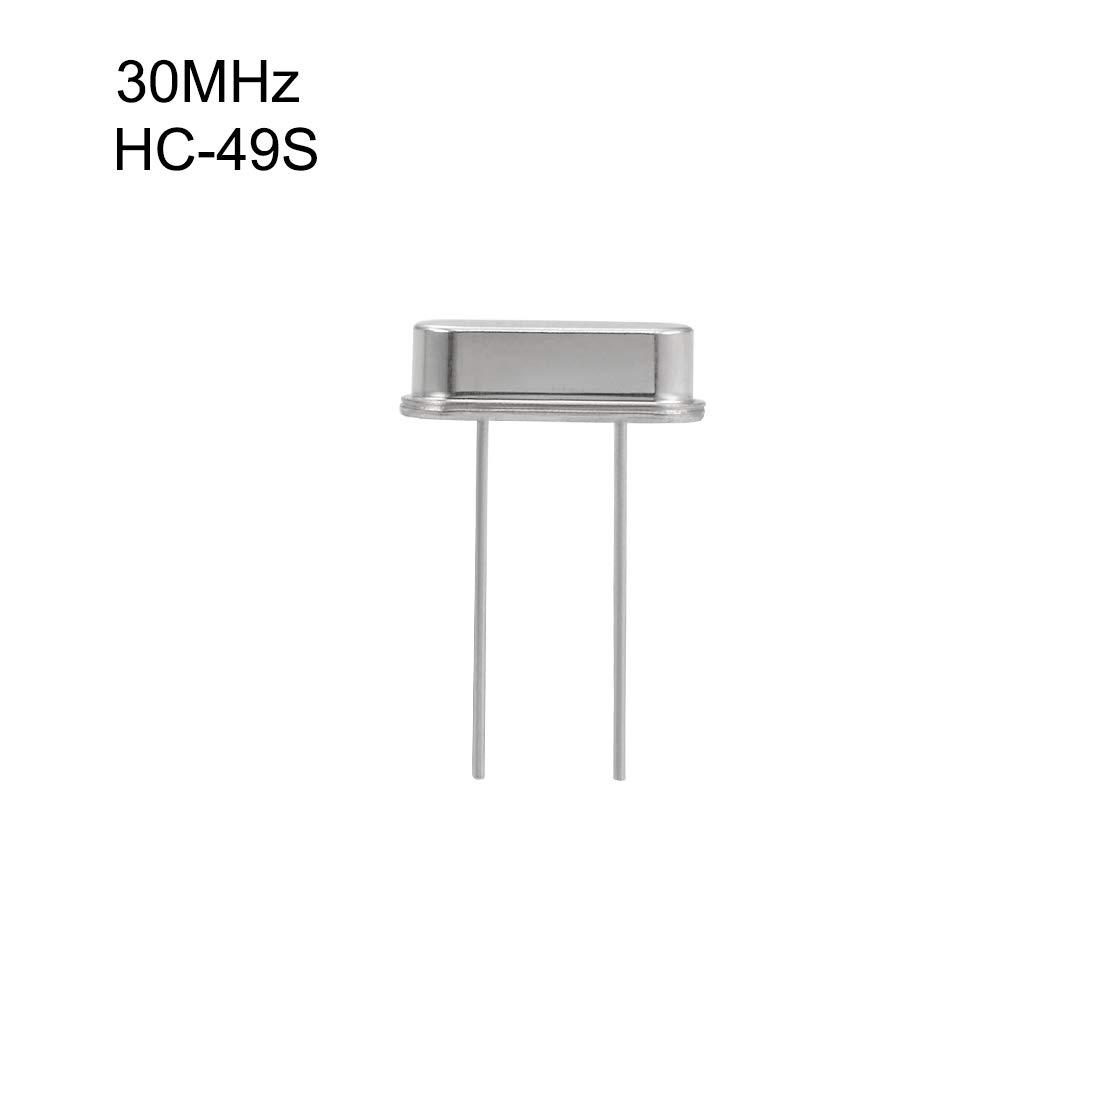 uxcell DIP Quartz Crystal Oscillators Resonators 18.432MHz HC-49S Replacements 20 Pcs